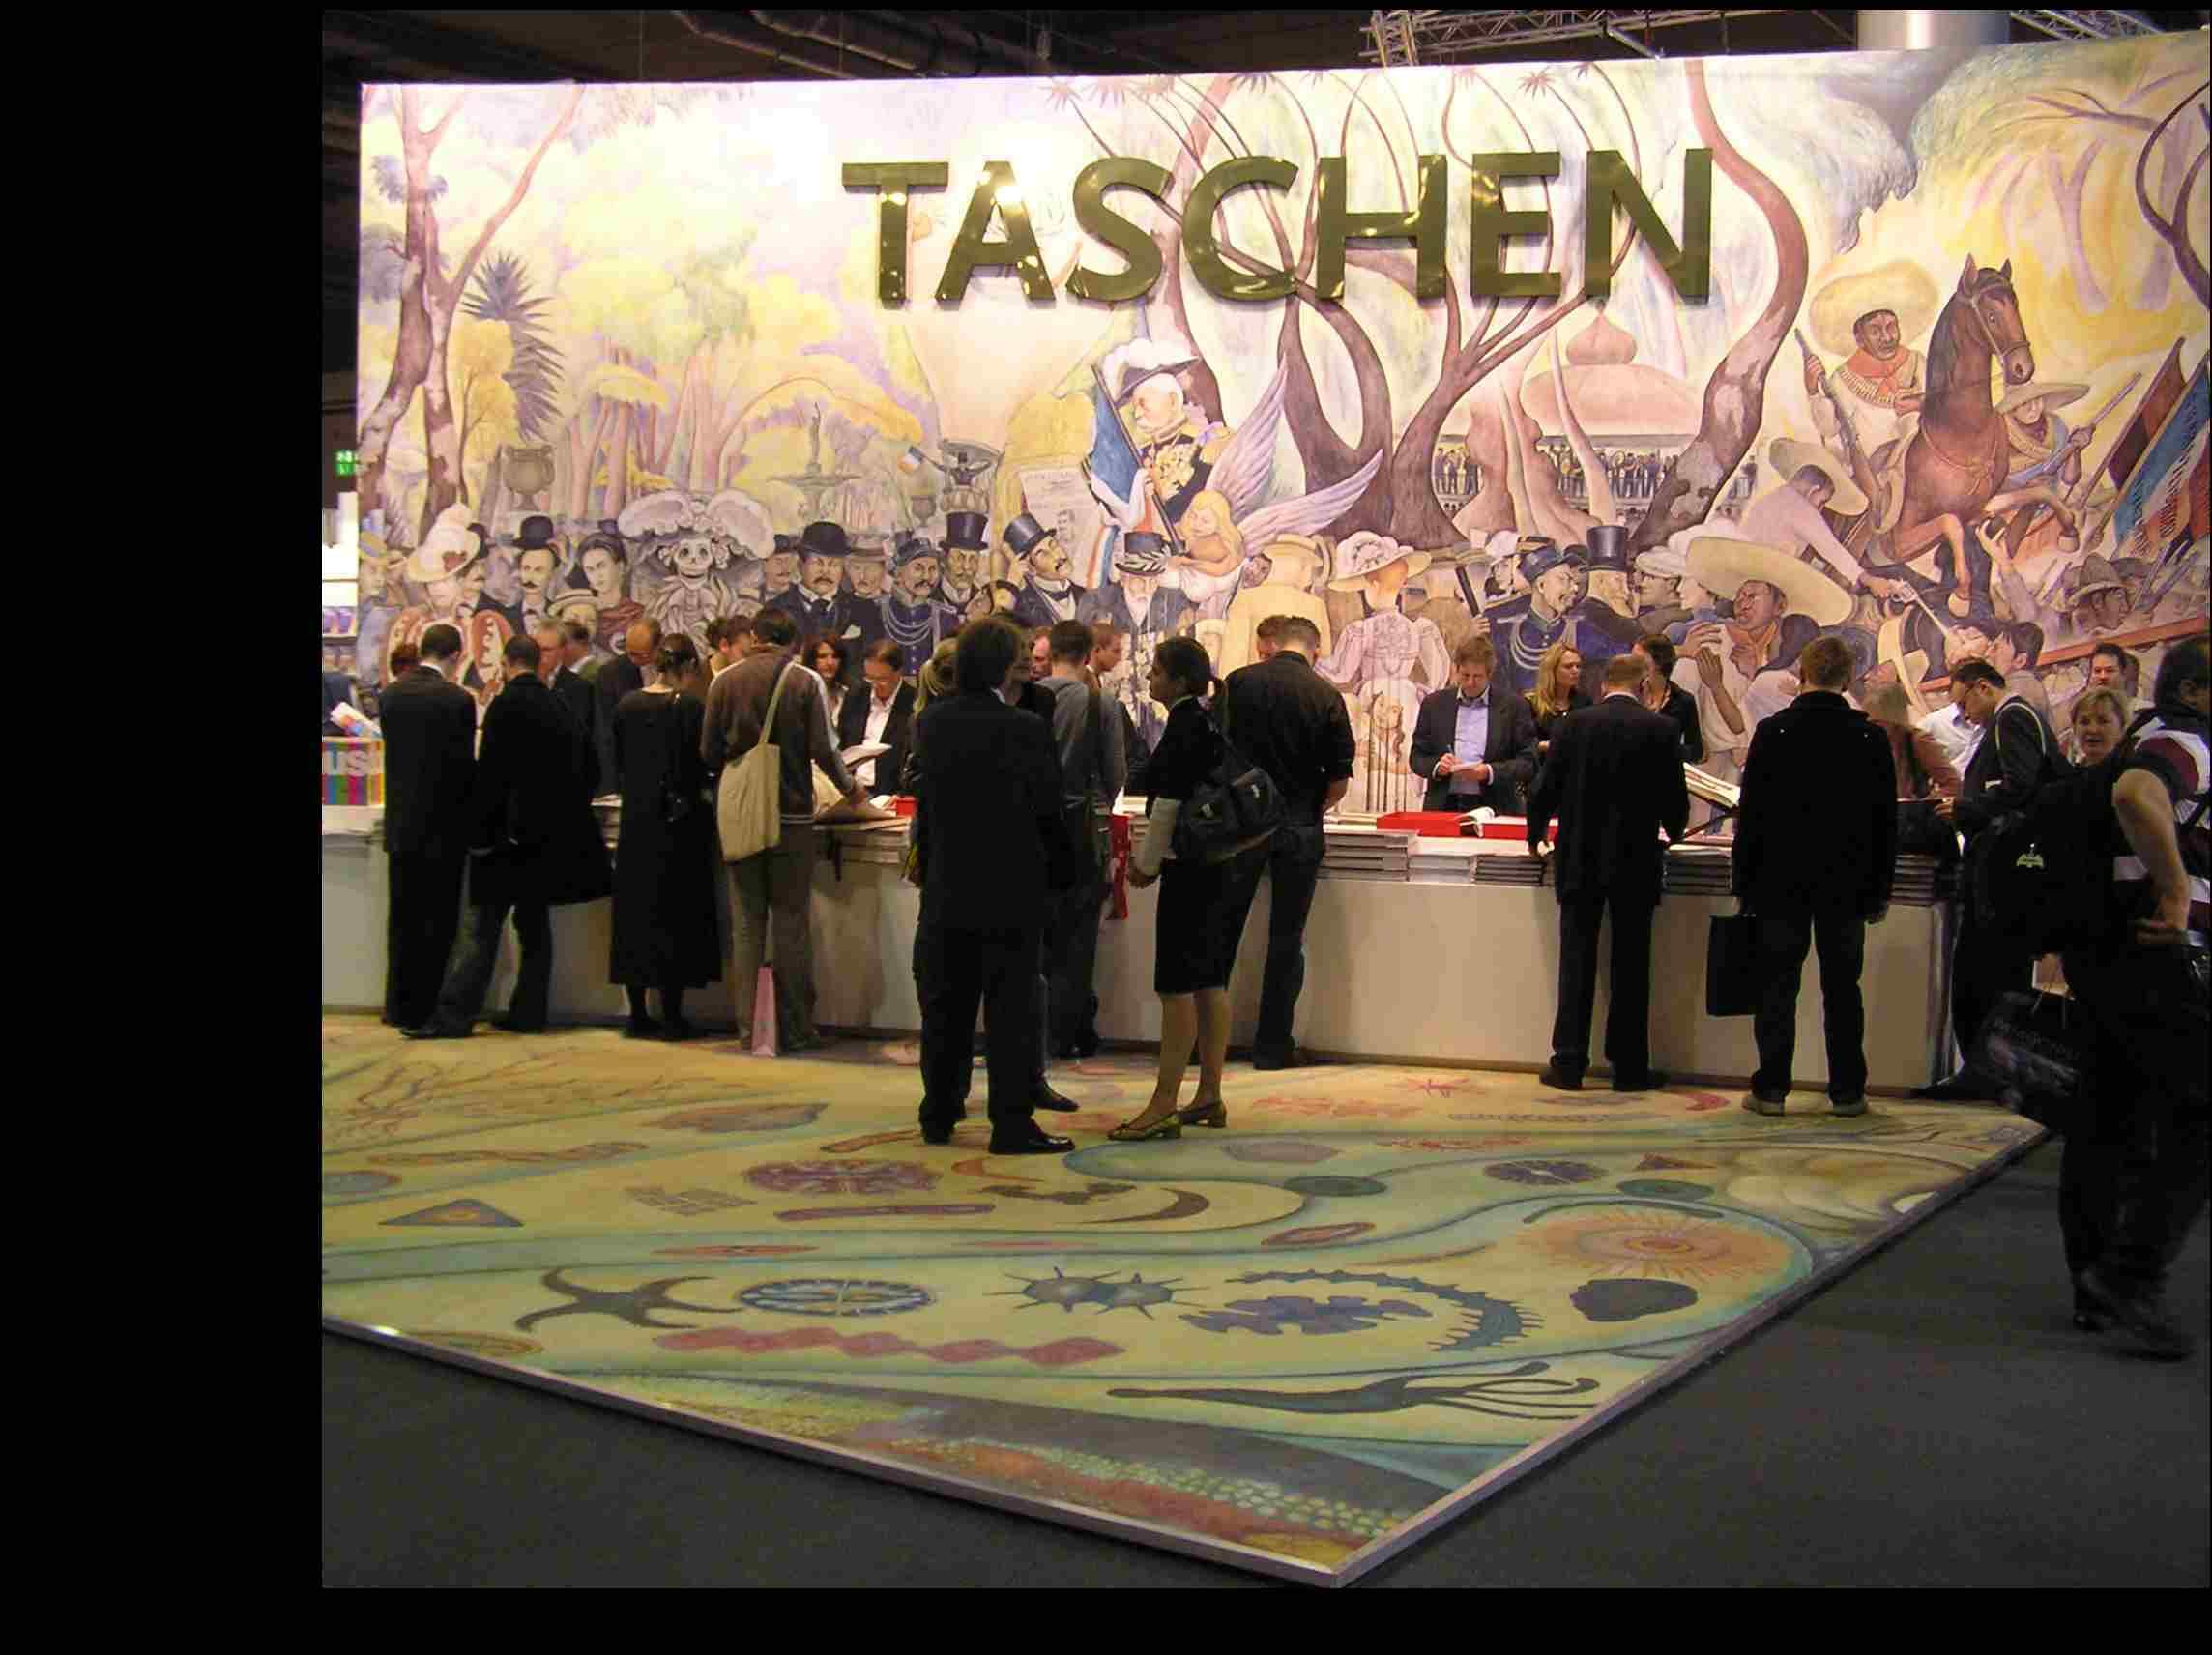 Obr. 4: Nakladatelství Taschen zaměřující se na výpravné uměnovědné publikace použilo pro svoji prezentaci mnohonásobně zvětšenou reprodukci obrazu Diega Rivery, jehož monografii na veletrhu nabízelo.